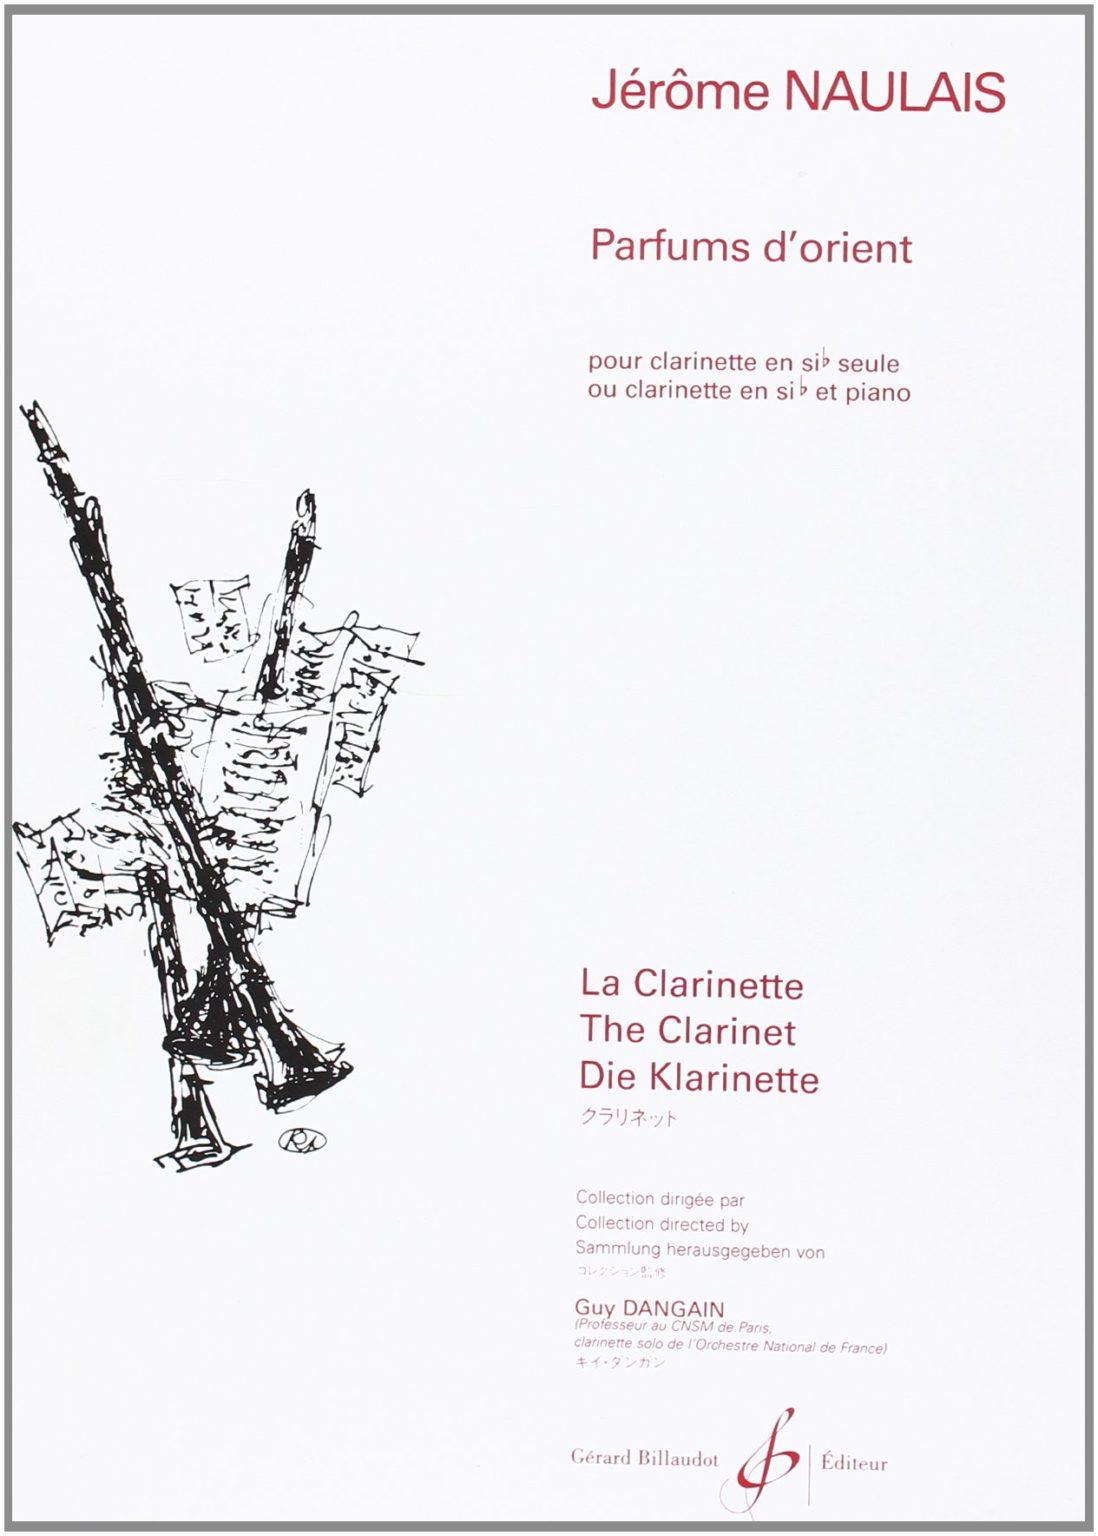 Parfumsd'Orient(2000)para clarinete solo. Jerome Naulais